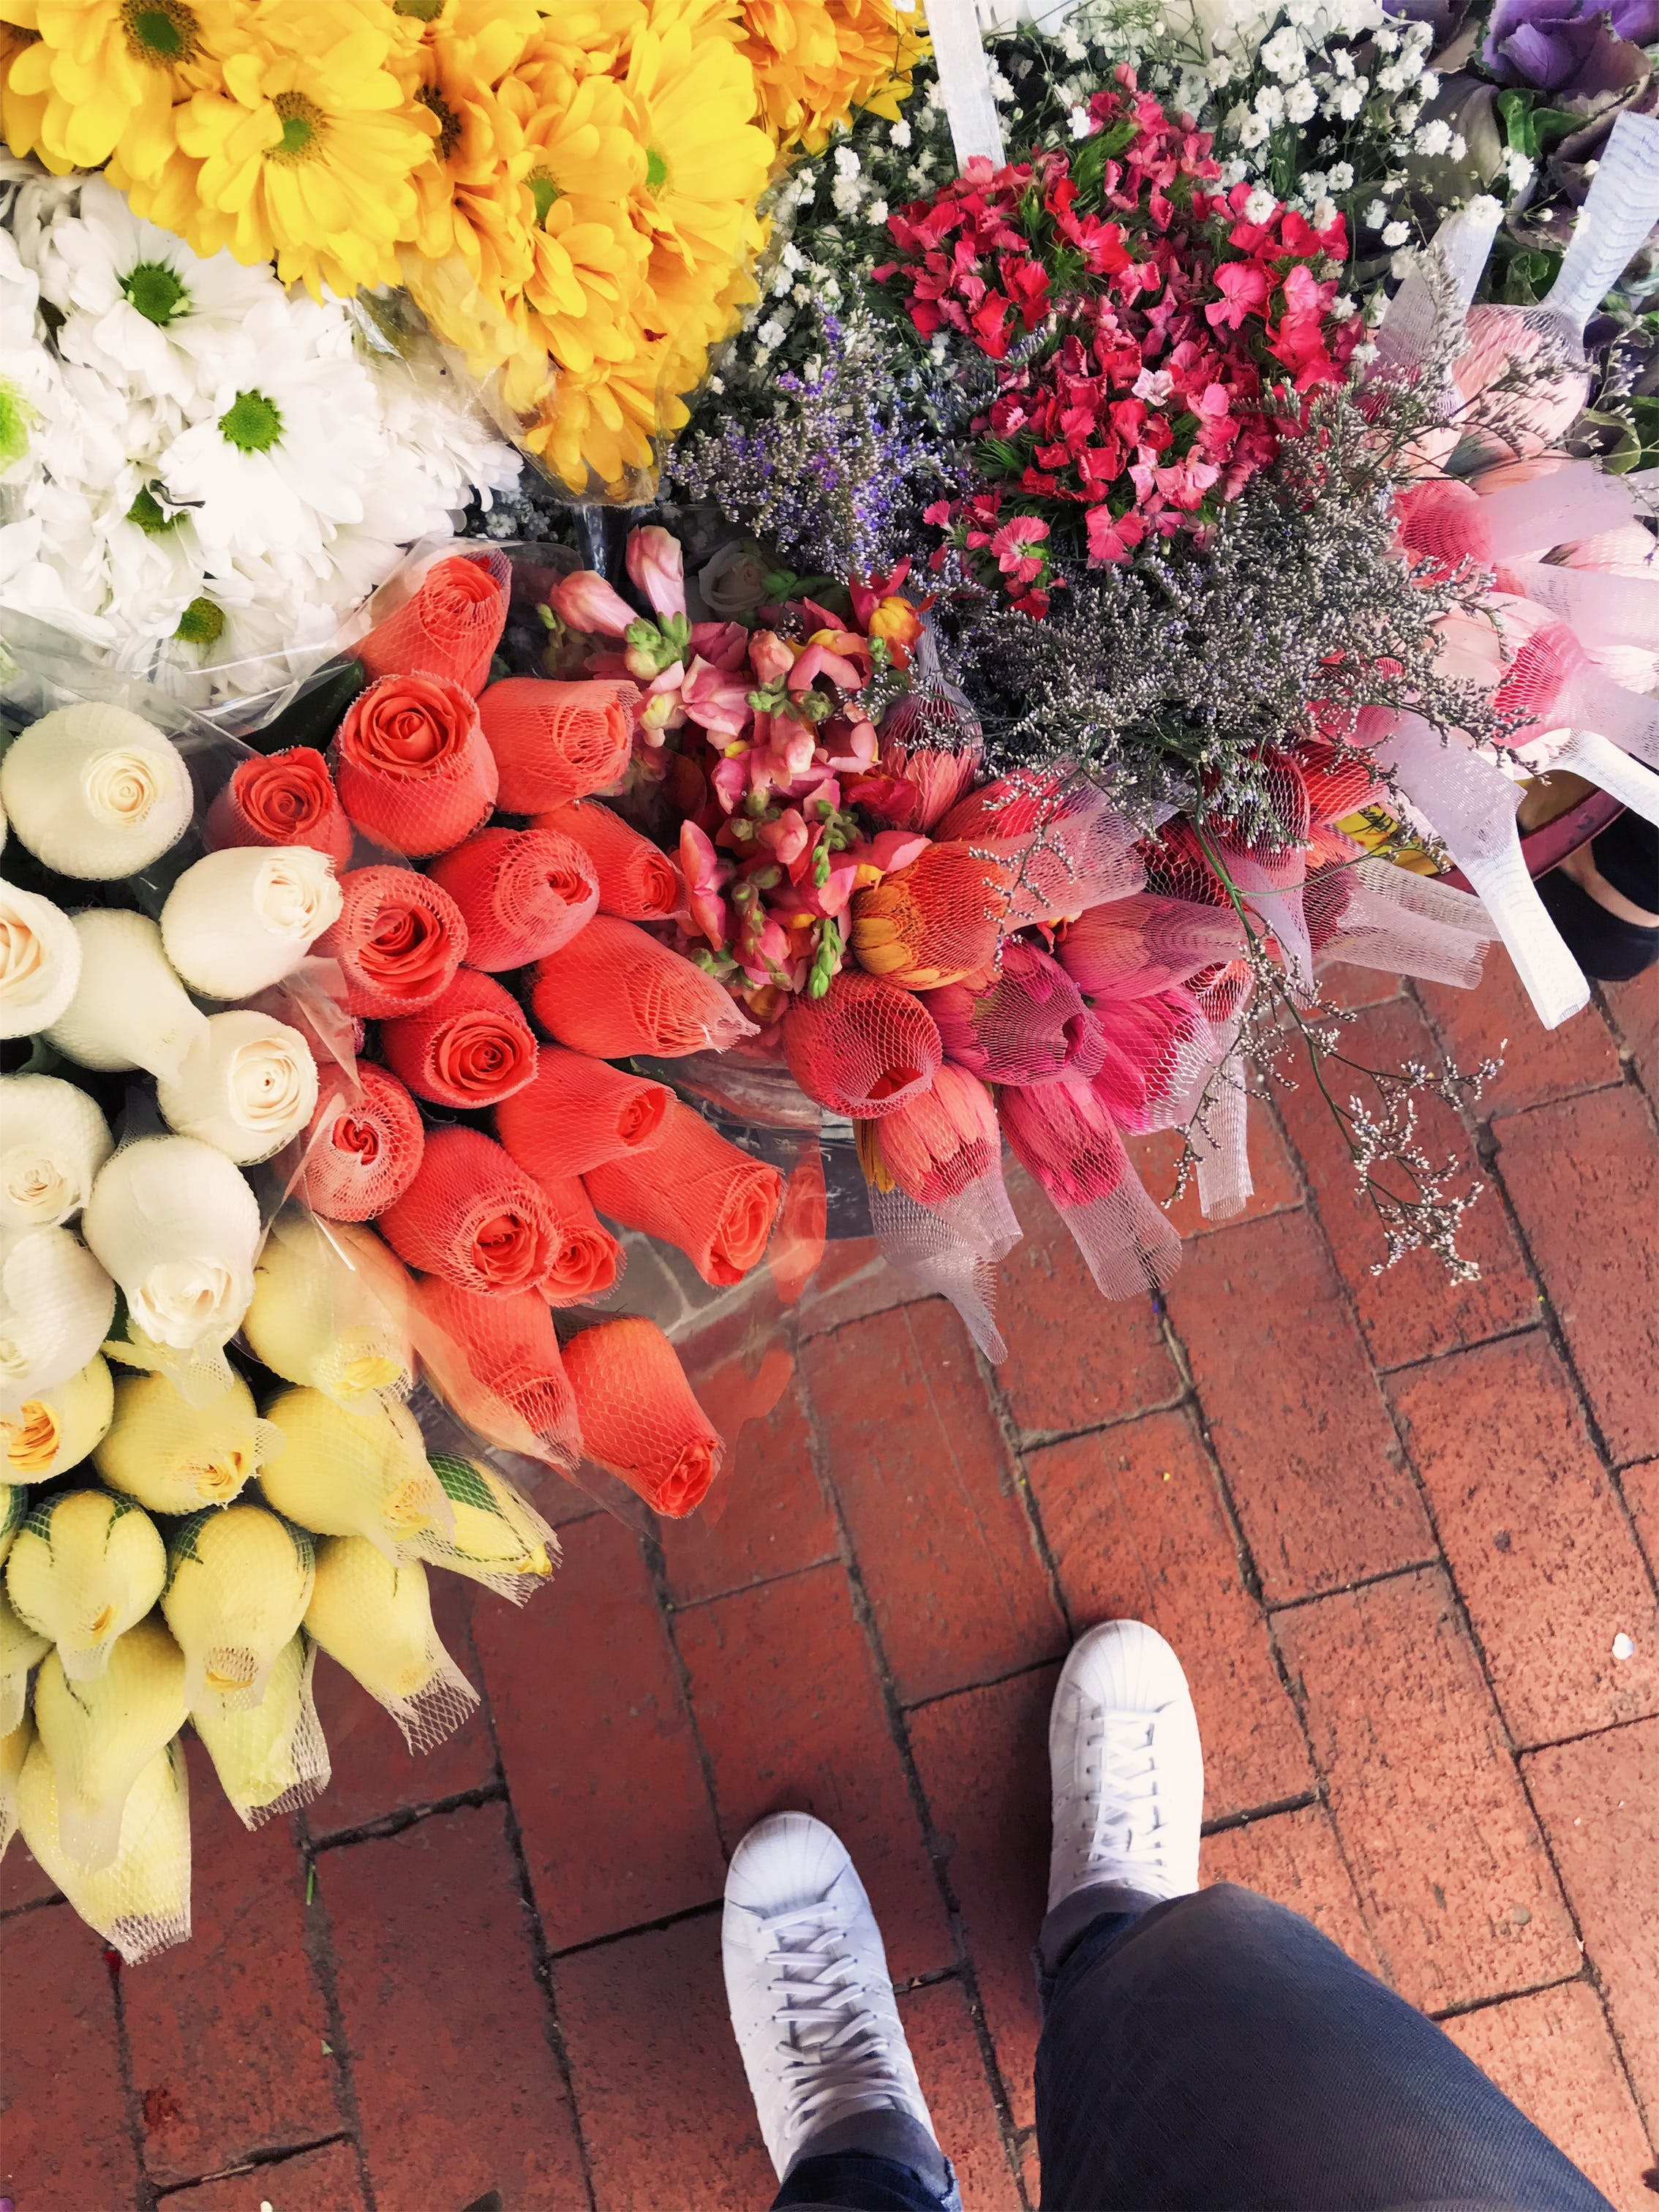 Aşk, bitki örtüsü, buket, çeşit içeren Ücretsiz stok fotoğraf